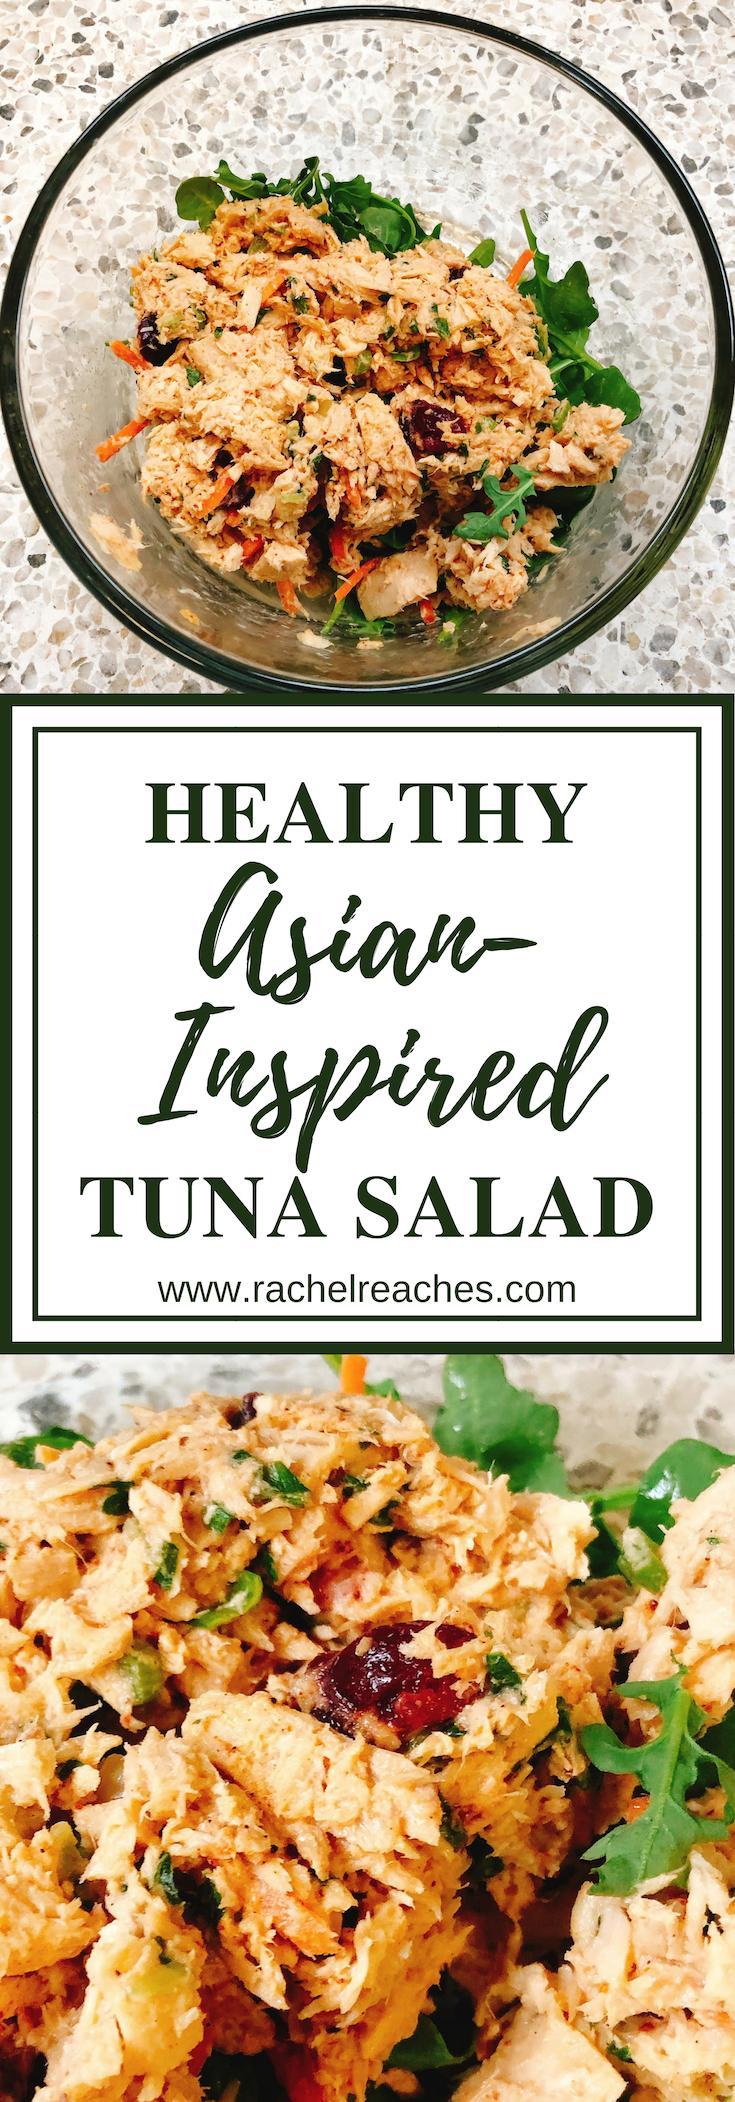 Asian-Inspired Tuna Salad Pin - Healthy Eating.png